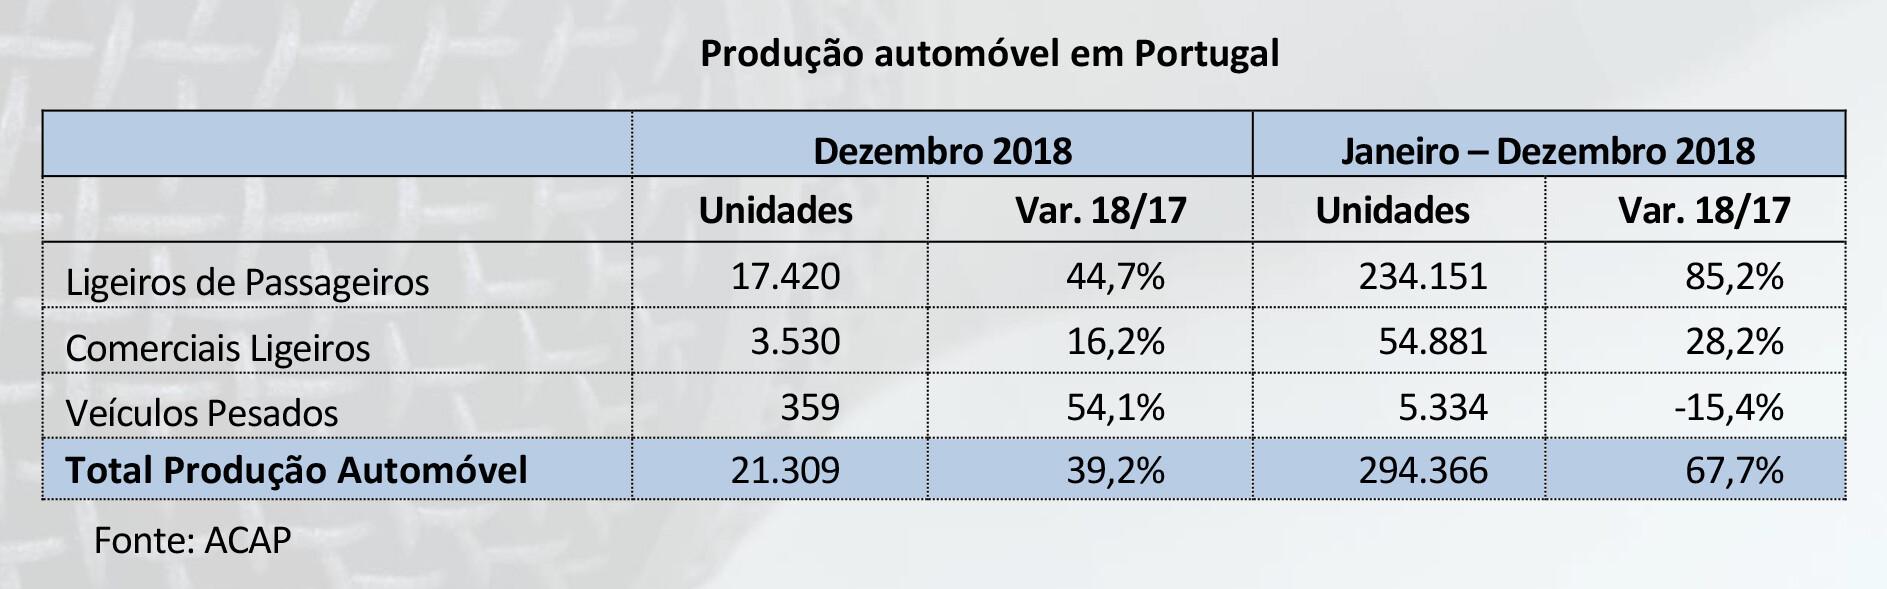 Produção automóvel em Portugal